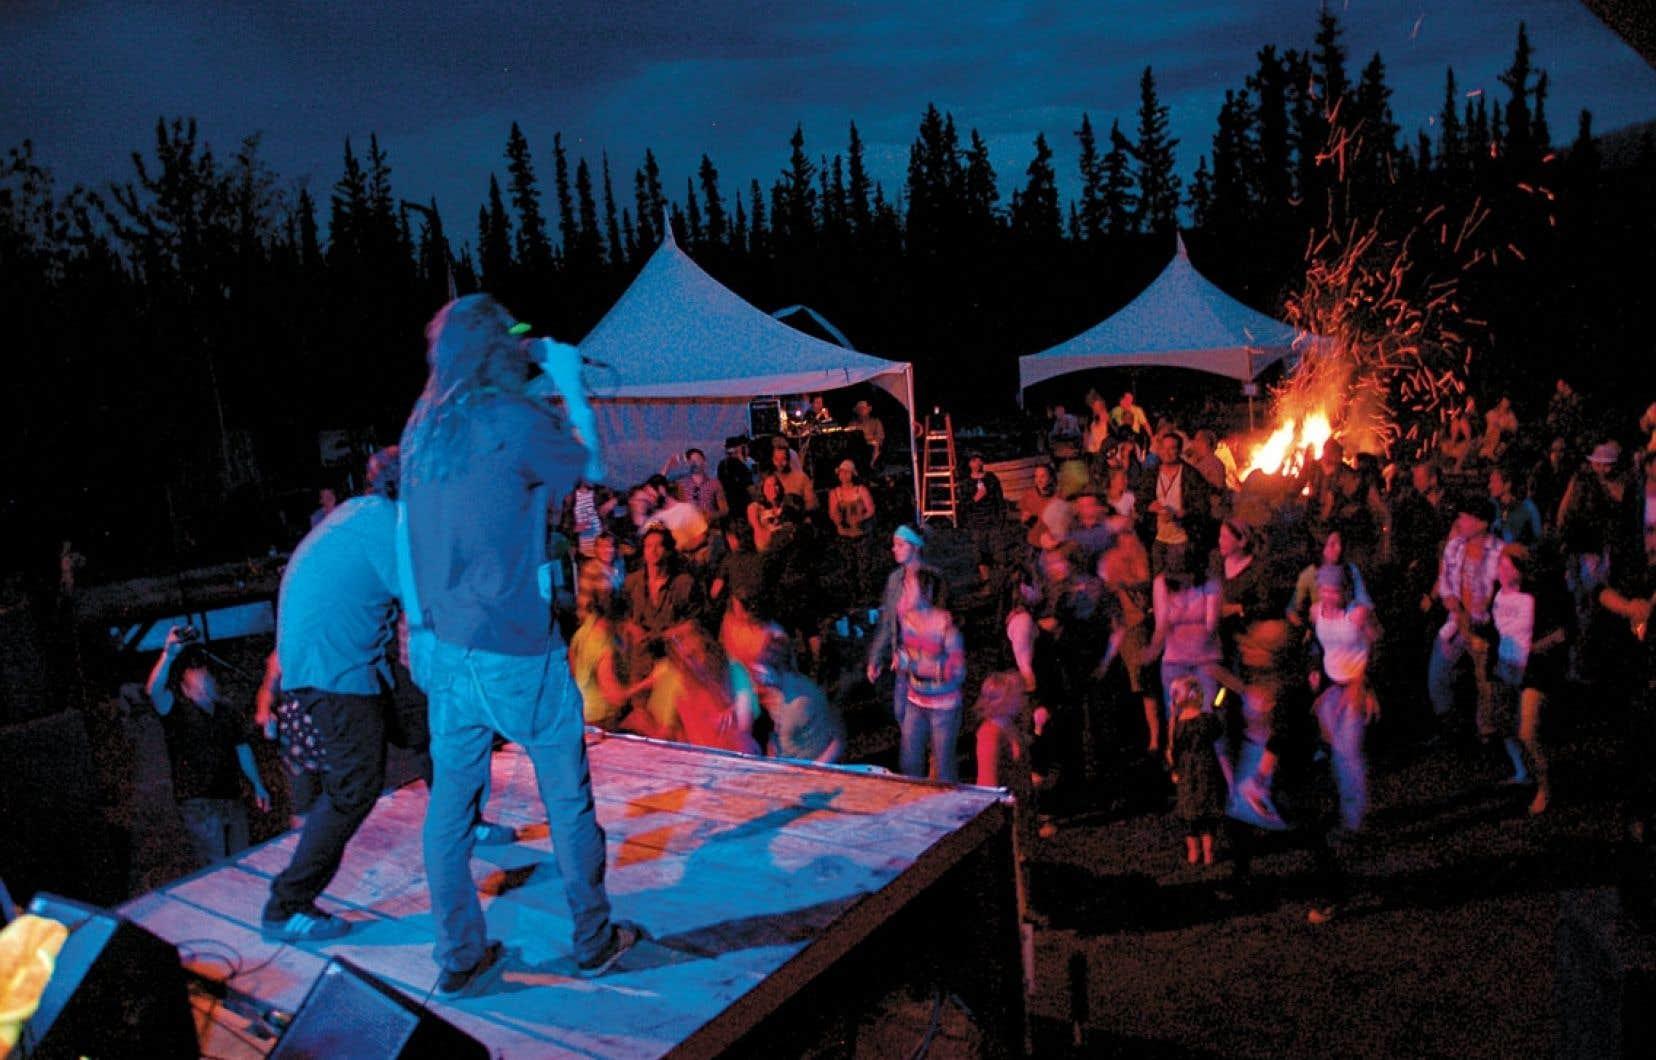 Méli-mélo de plusieurs traditions, la fête Solstice Saint-Jean-Baptiste (ainsi renommée en 2008) de Whitehorse inclut désormais dans son programme aussi bien les traditionnels feux de la Saint-Jean que de la musique québécoise et acadienne, de la salsa ou du bhangra…